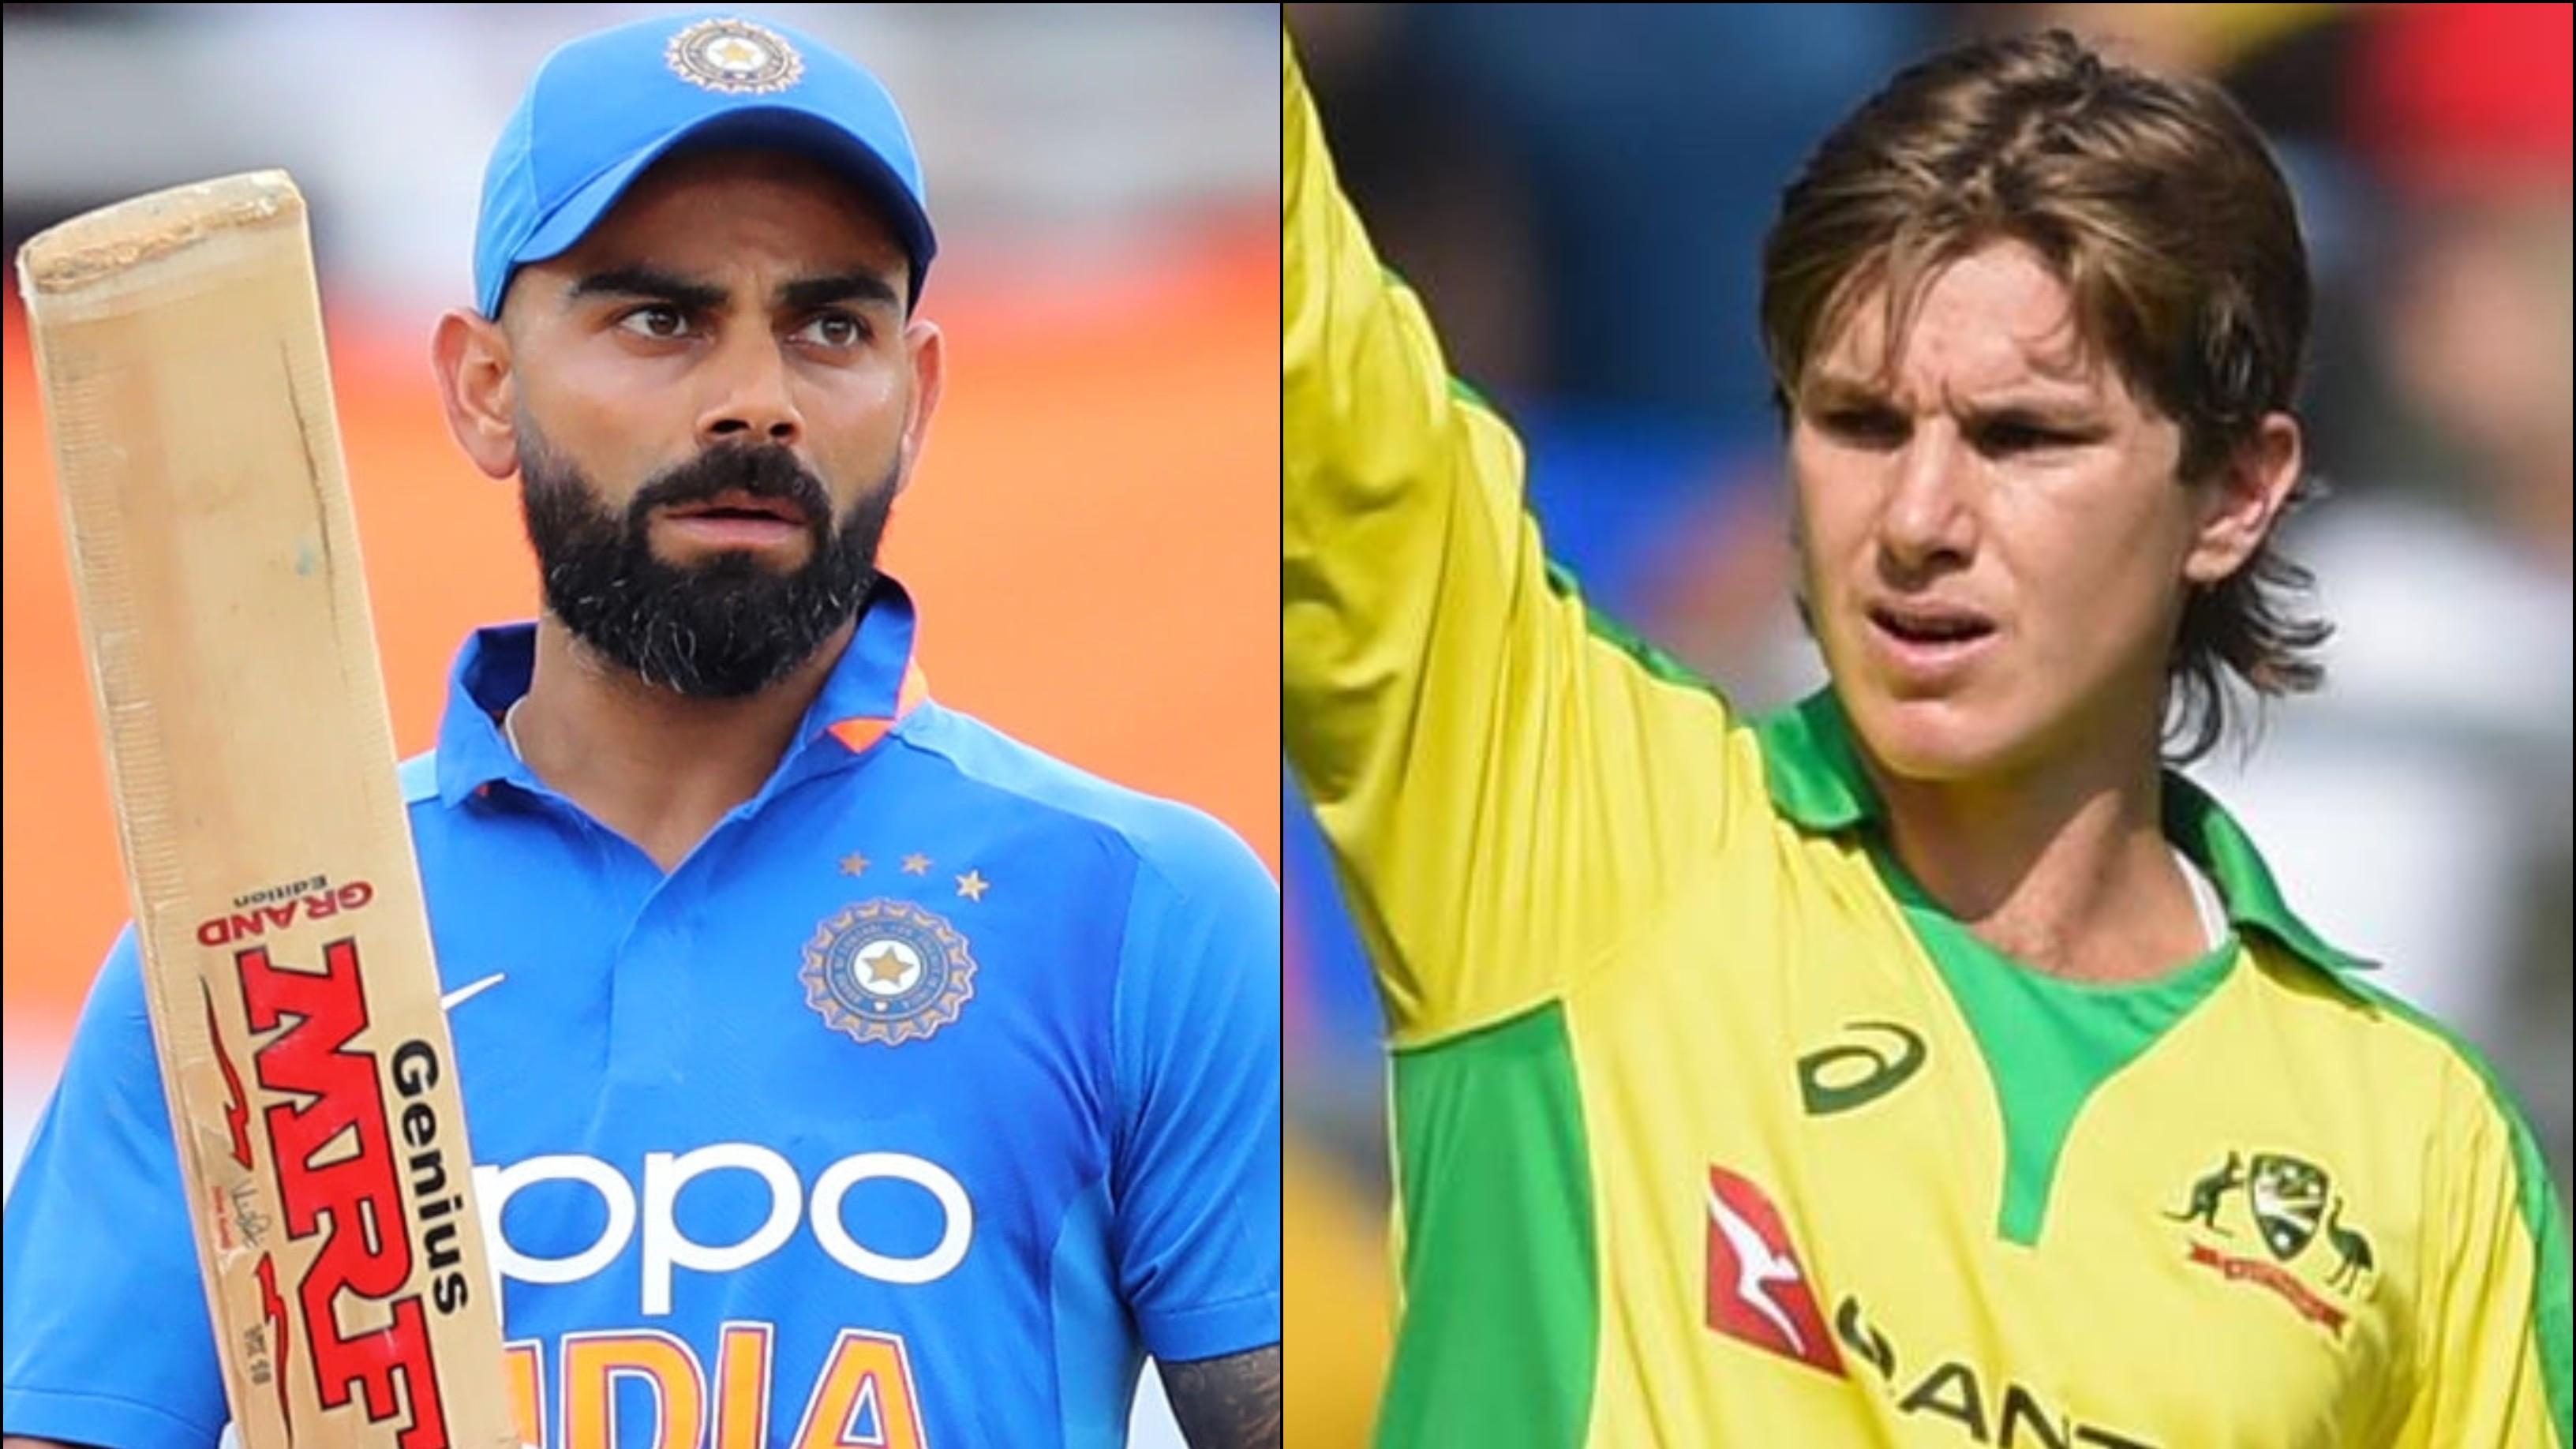 IND v AUS 2020: विराट कोहली का विकेट लेने के बाद विशेष गेंदबाजों की सूची में शामिल हुए एडम जम्पा